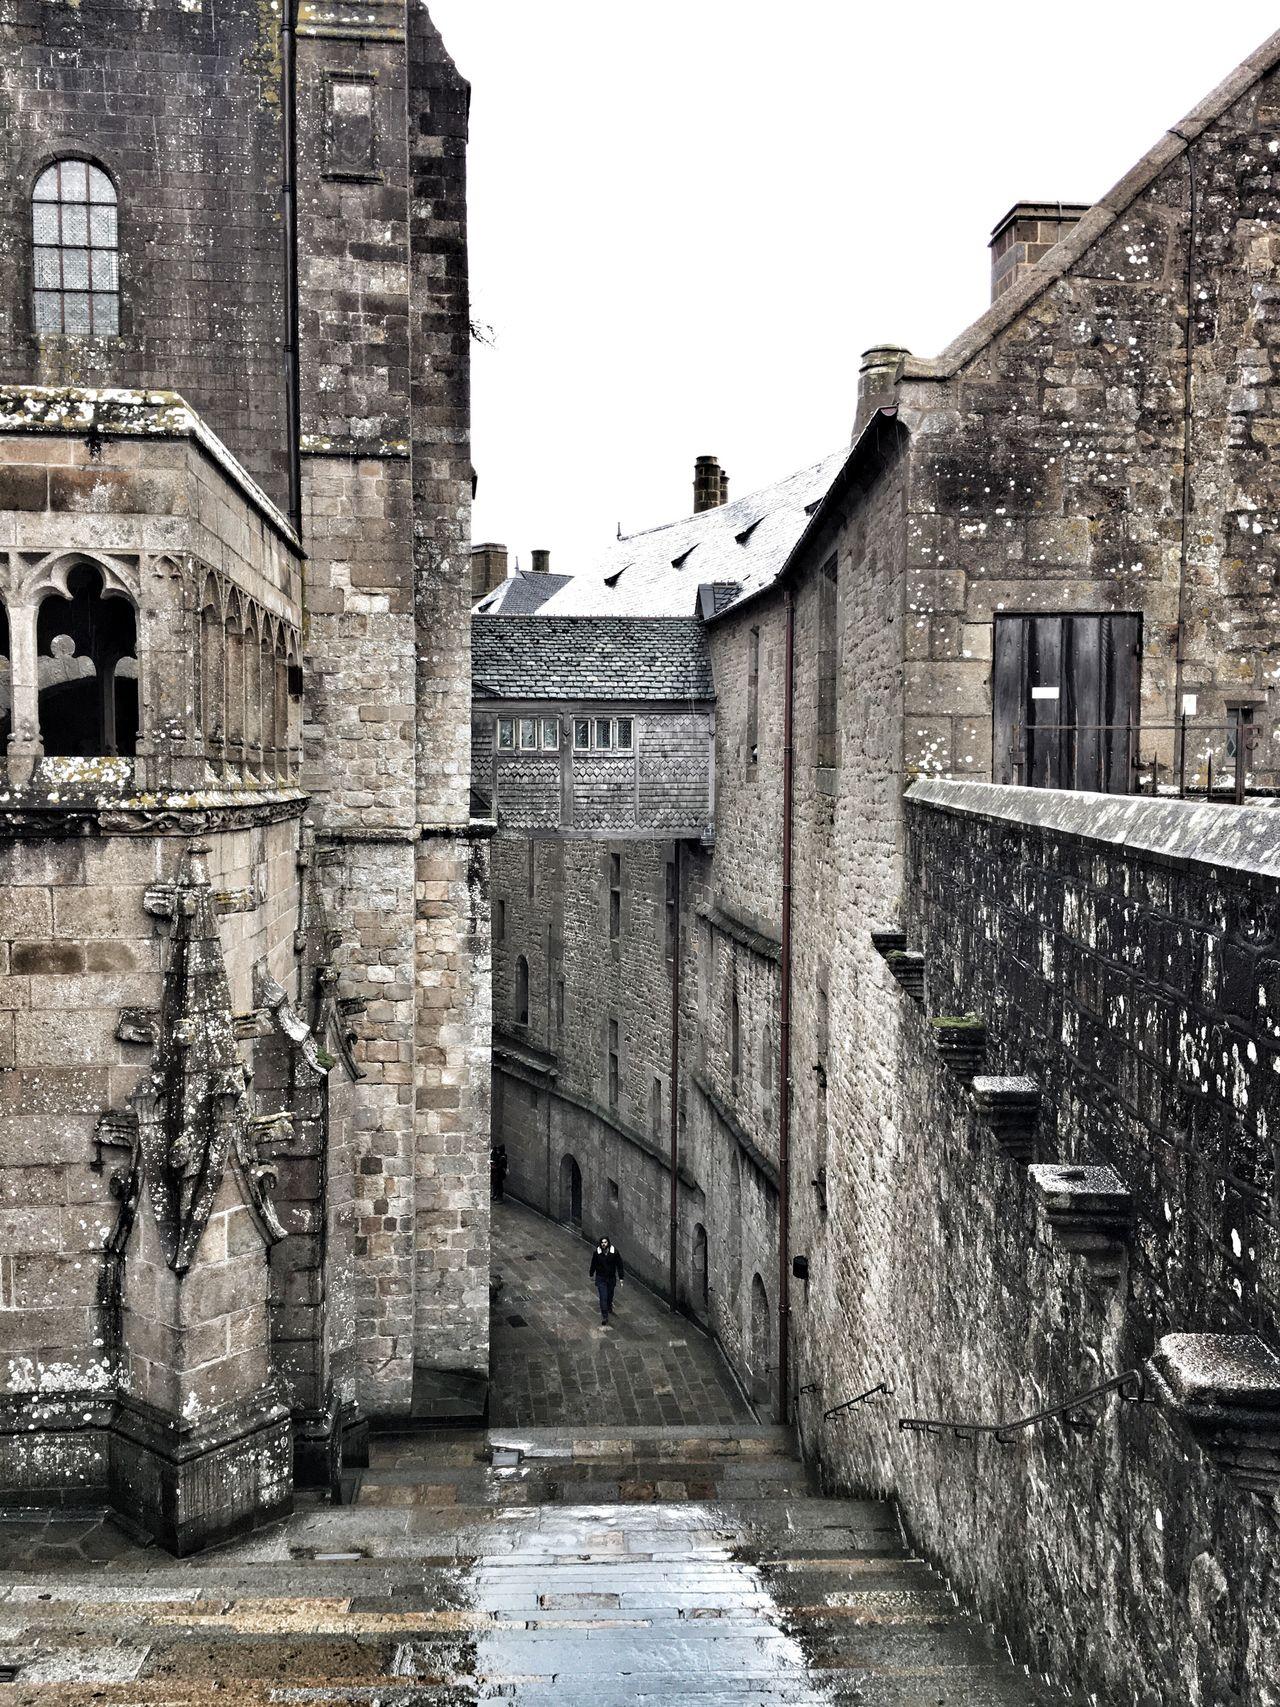 Bretagne Mont Saint-Michel Bay Mont Saint-Michel Architecture Built Structure Building Exterior Travel Destinations History Outdoors No People Sky Day Medieval Ancient Civilization Bretagnetourisme Rainy Days